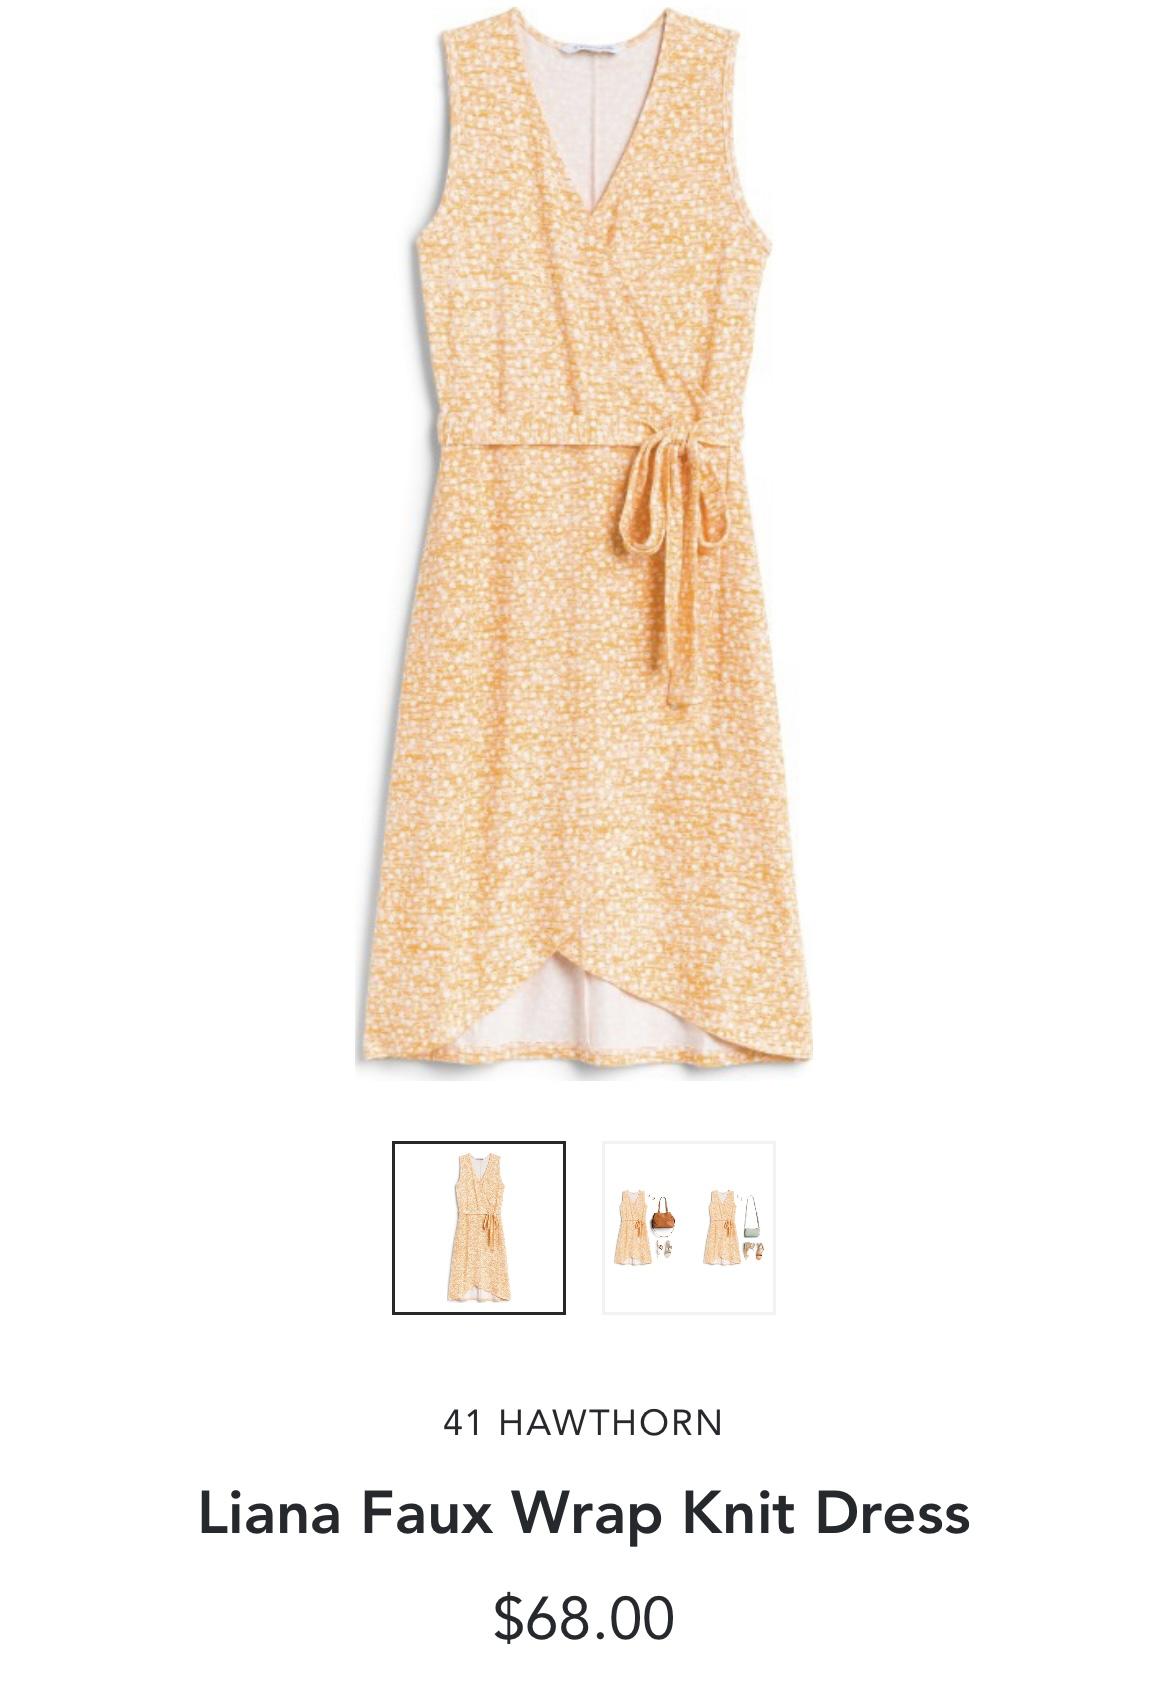 Stitch Fix 41 Hawthorne Liana Faux Wrap Knit Dress